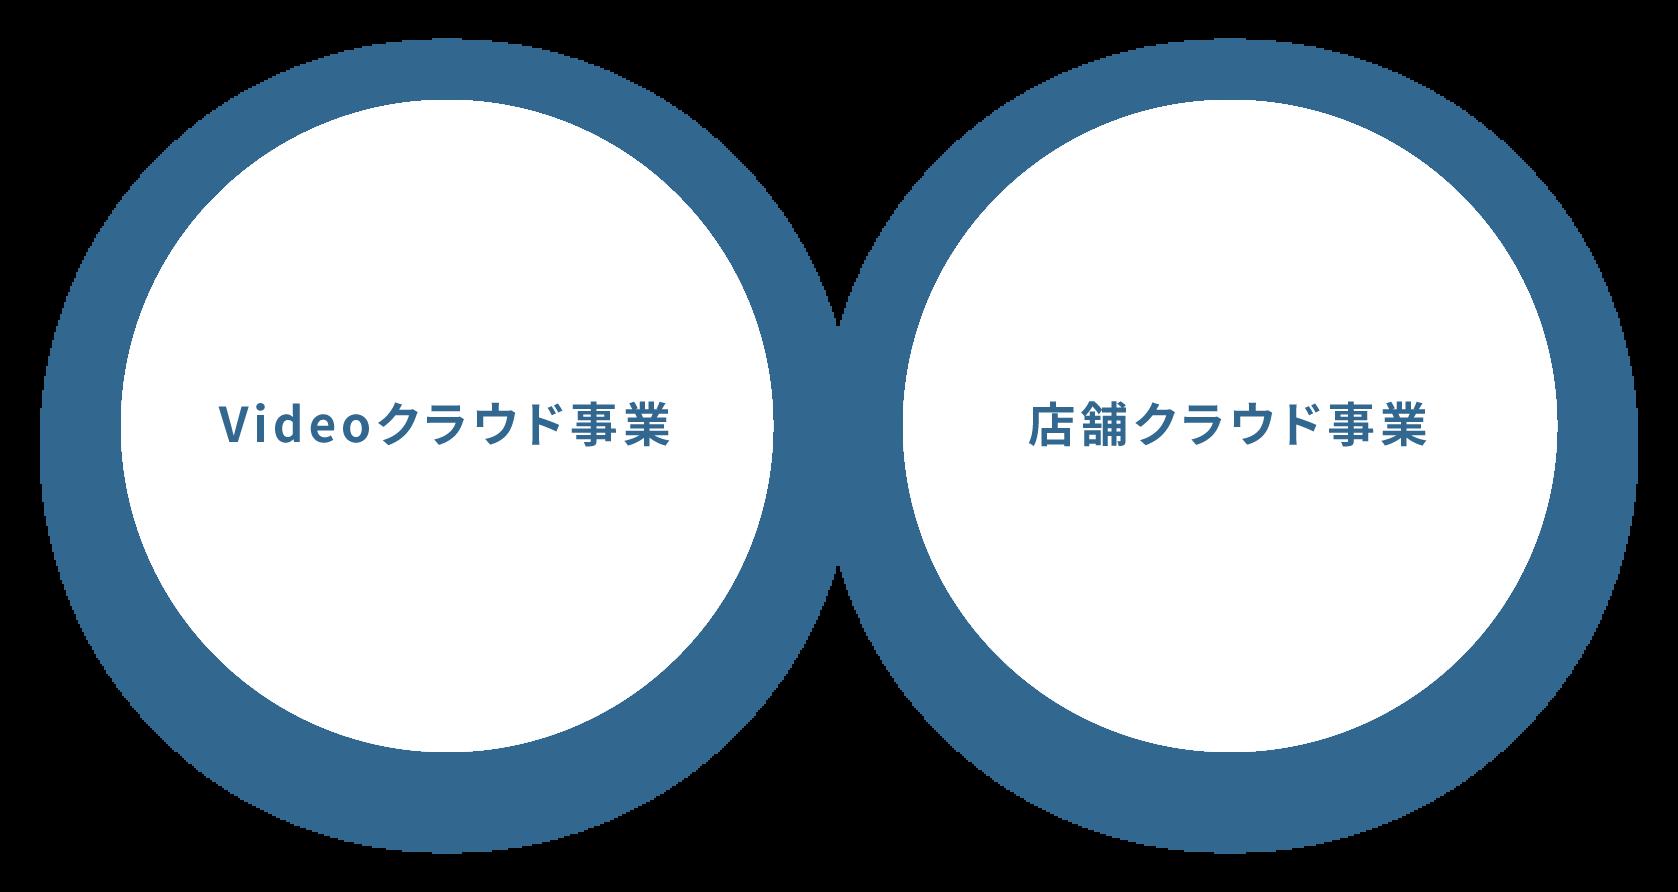 Videoクラウド事業/店舗クラウド事業